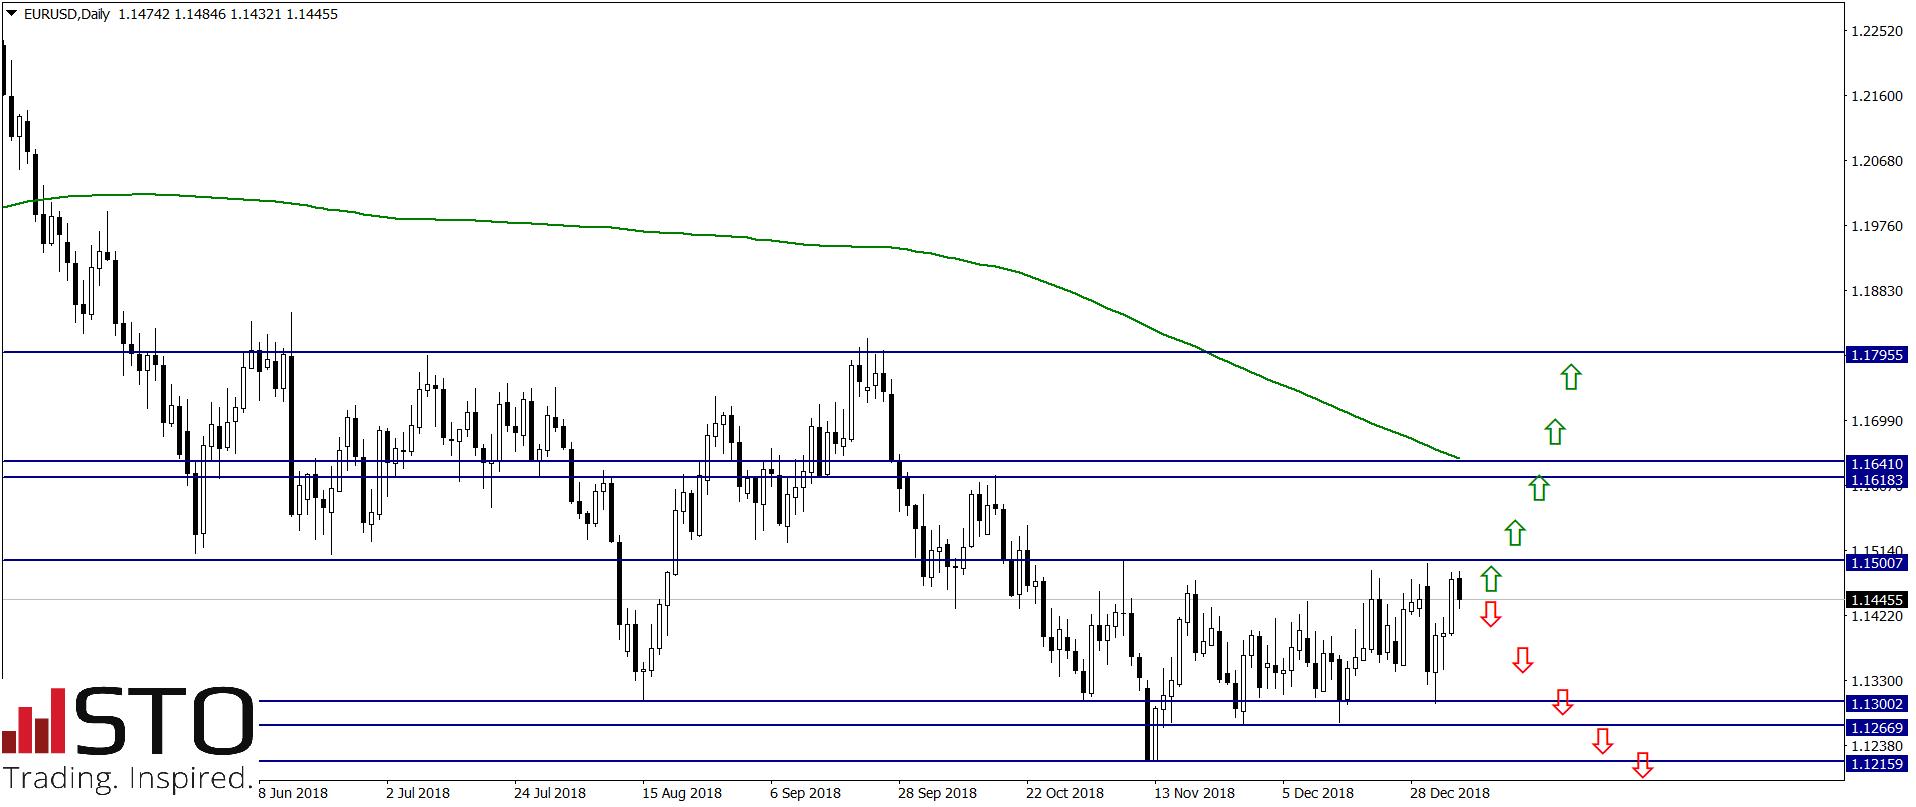 Bieżące scenariusze dla par EUR/USD i GBP/USD – Commerzbank